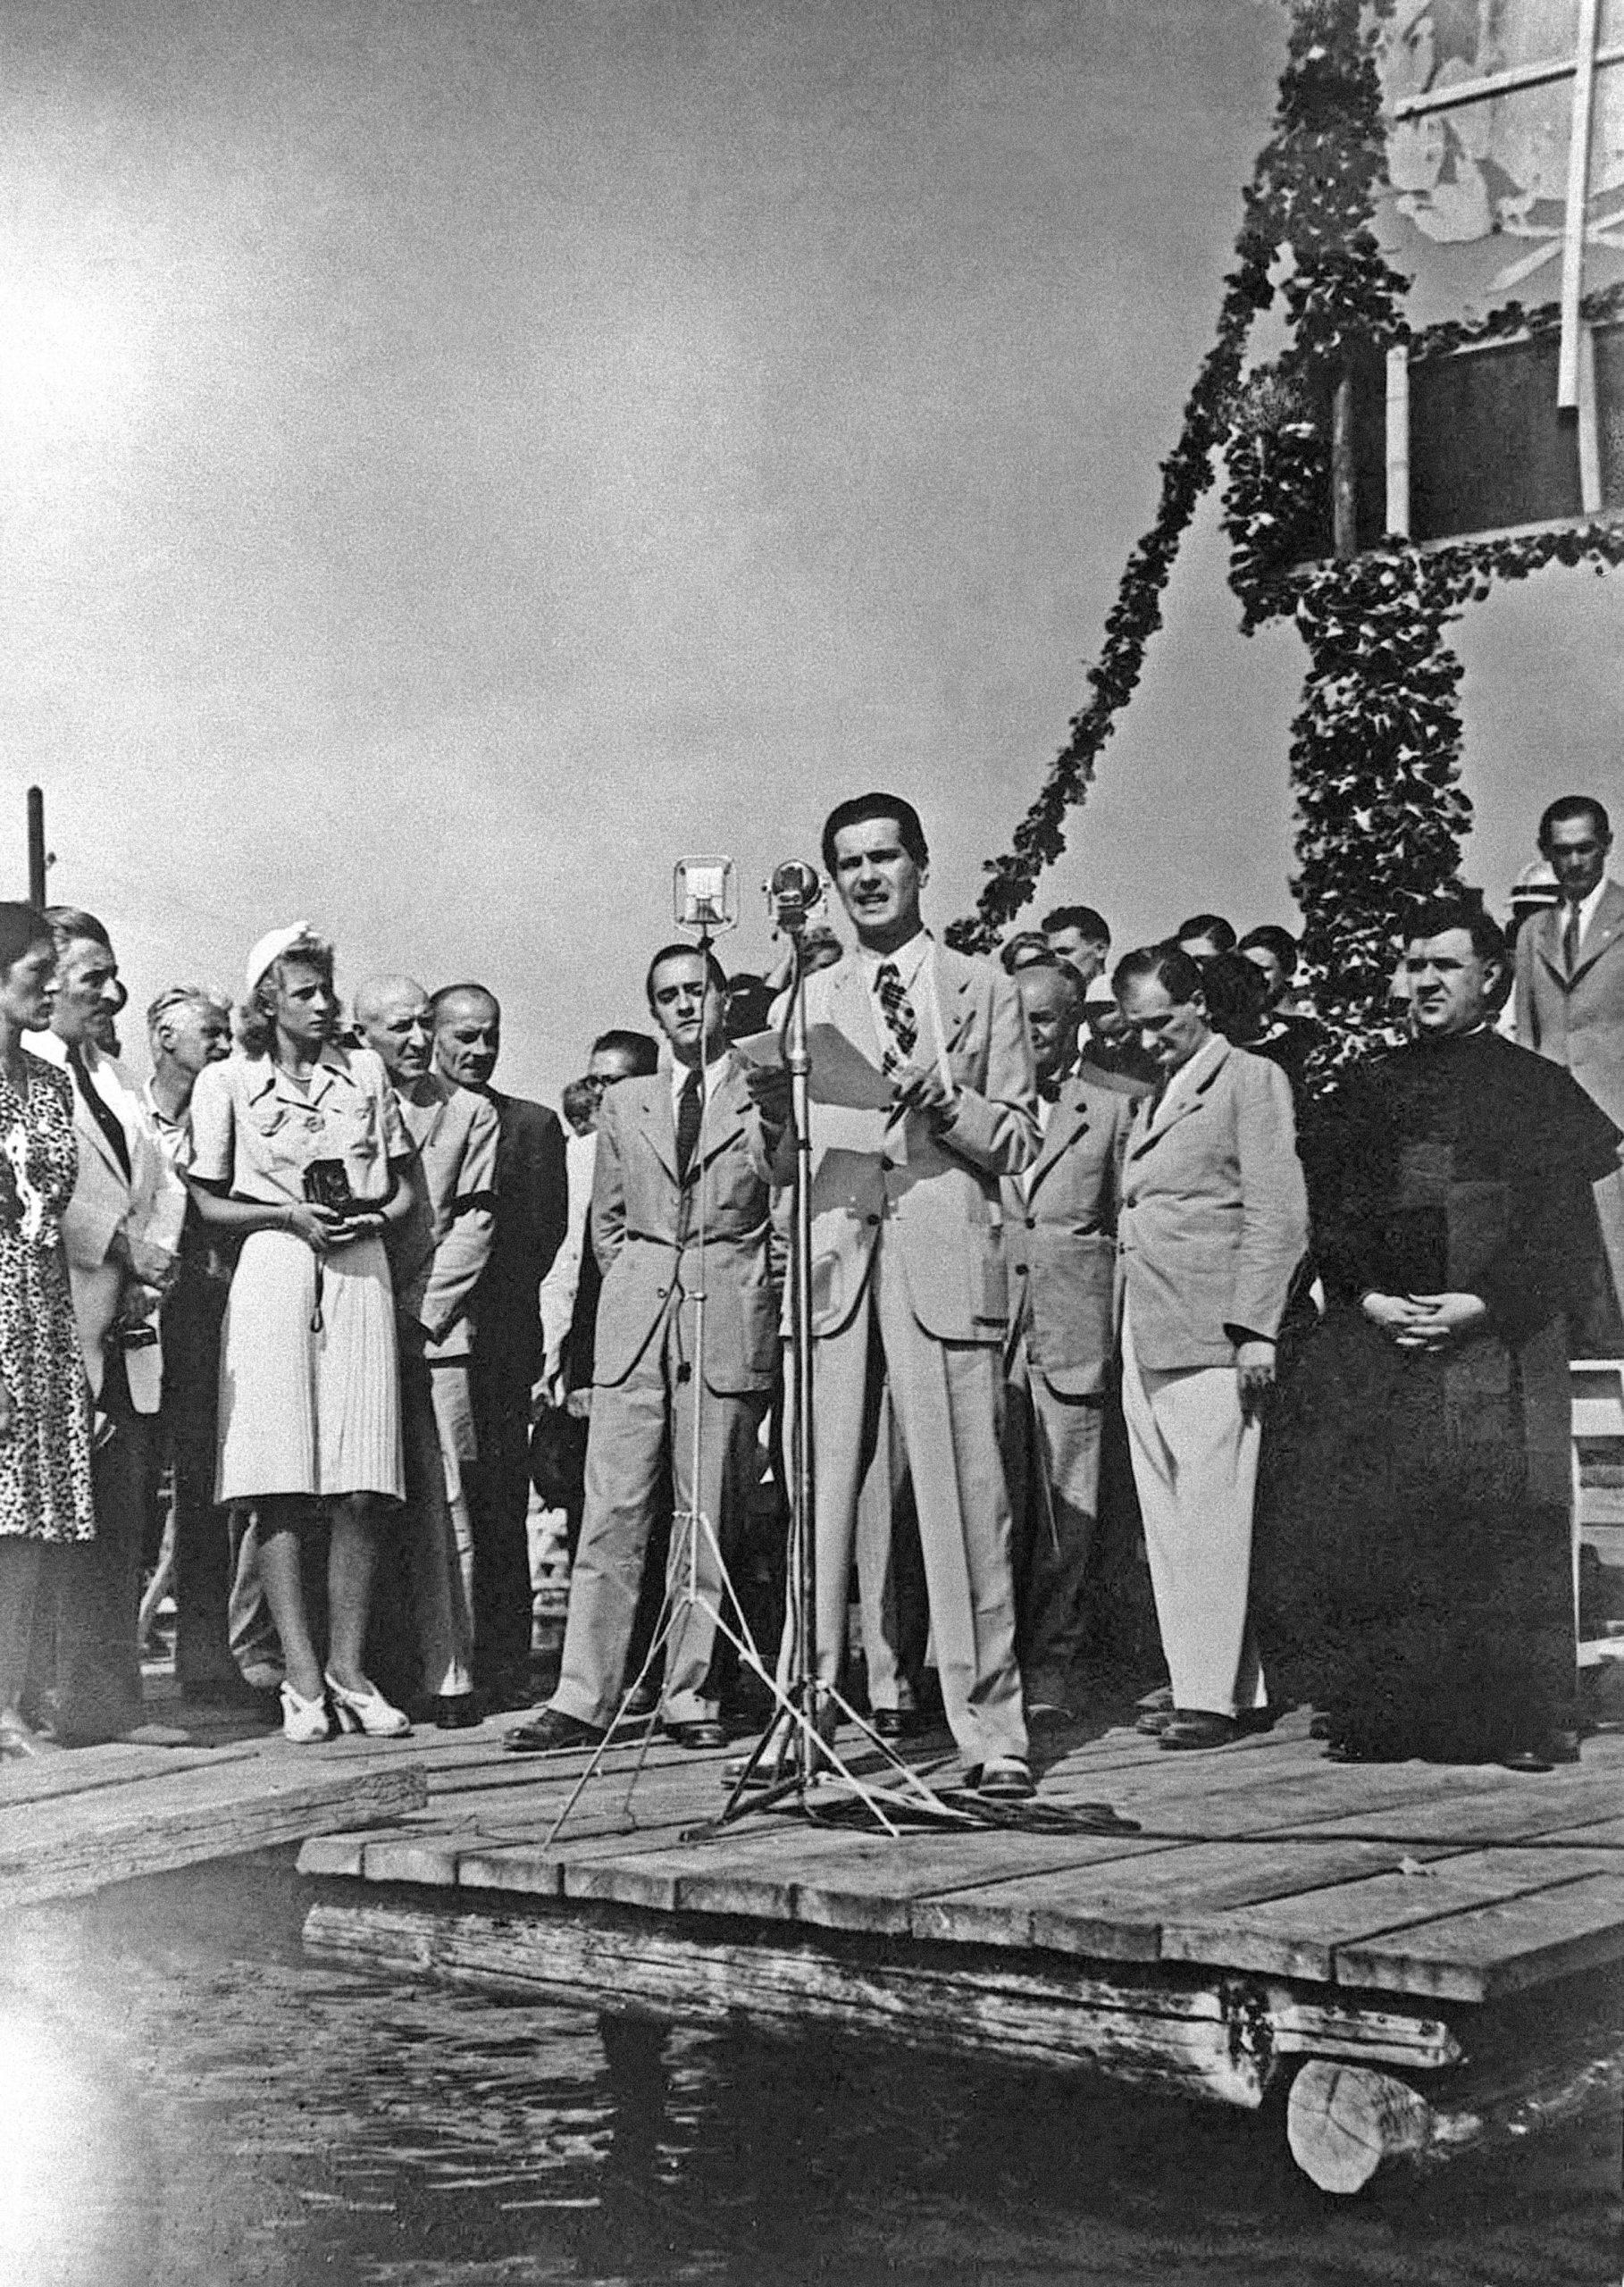 Ifj. Horthy Miklós, Horthy Miklós, Magyarország kormányzójának kisebbik fia egy szabadkai gyûlésen beszél 1943. augusztusában / Fotó: MTI